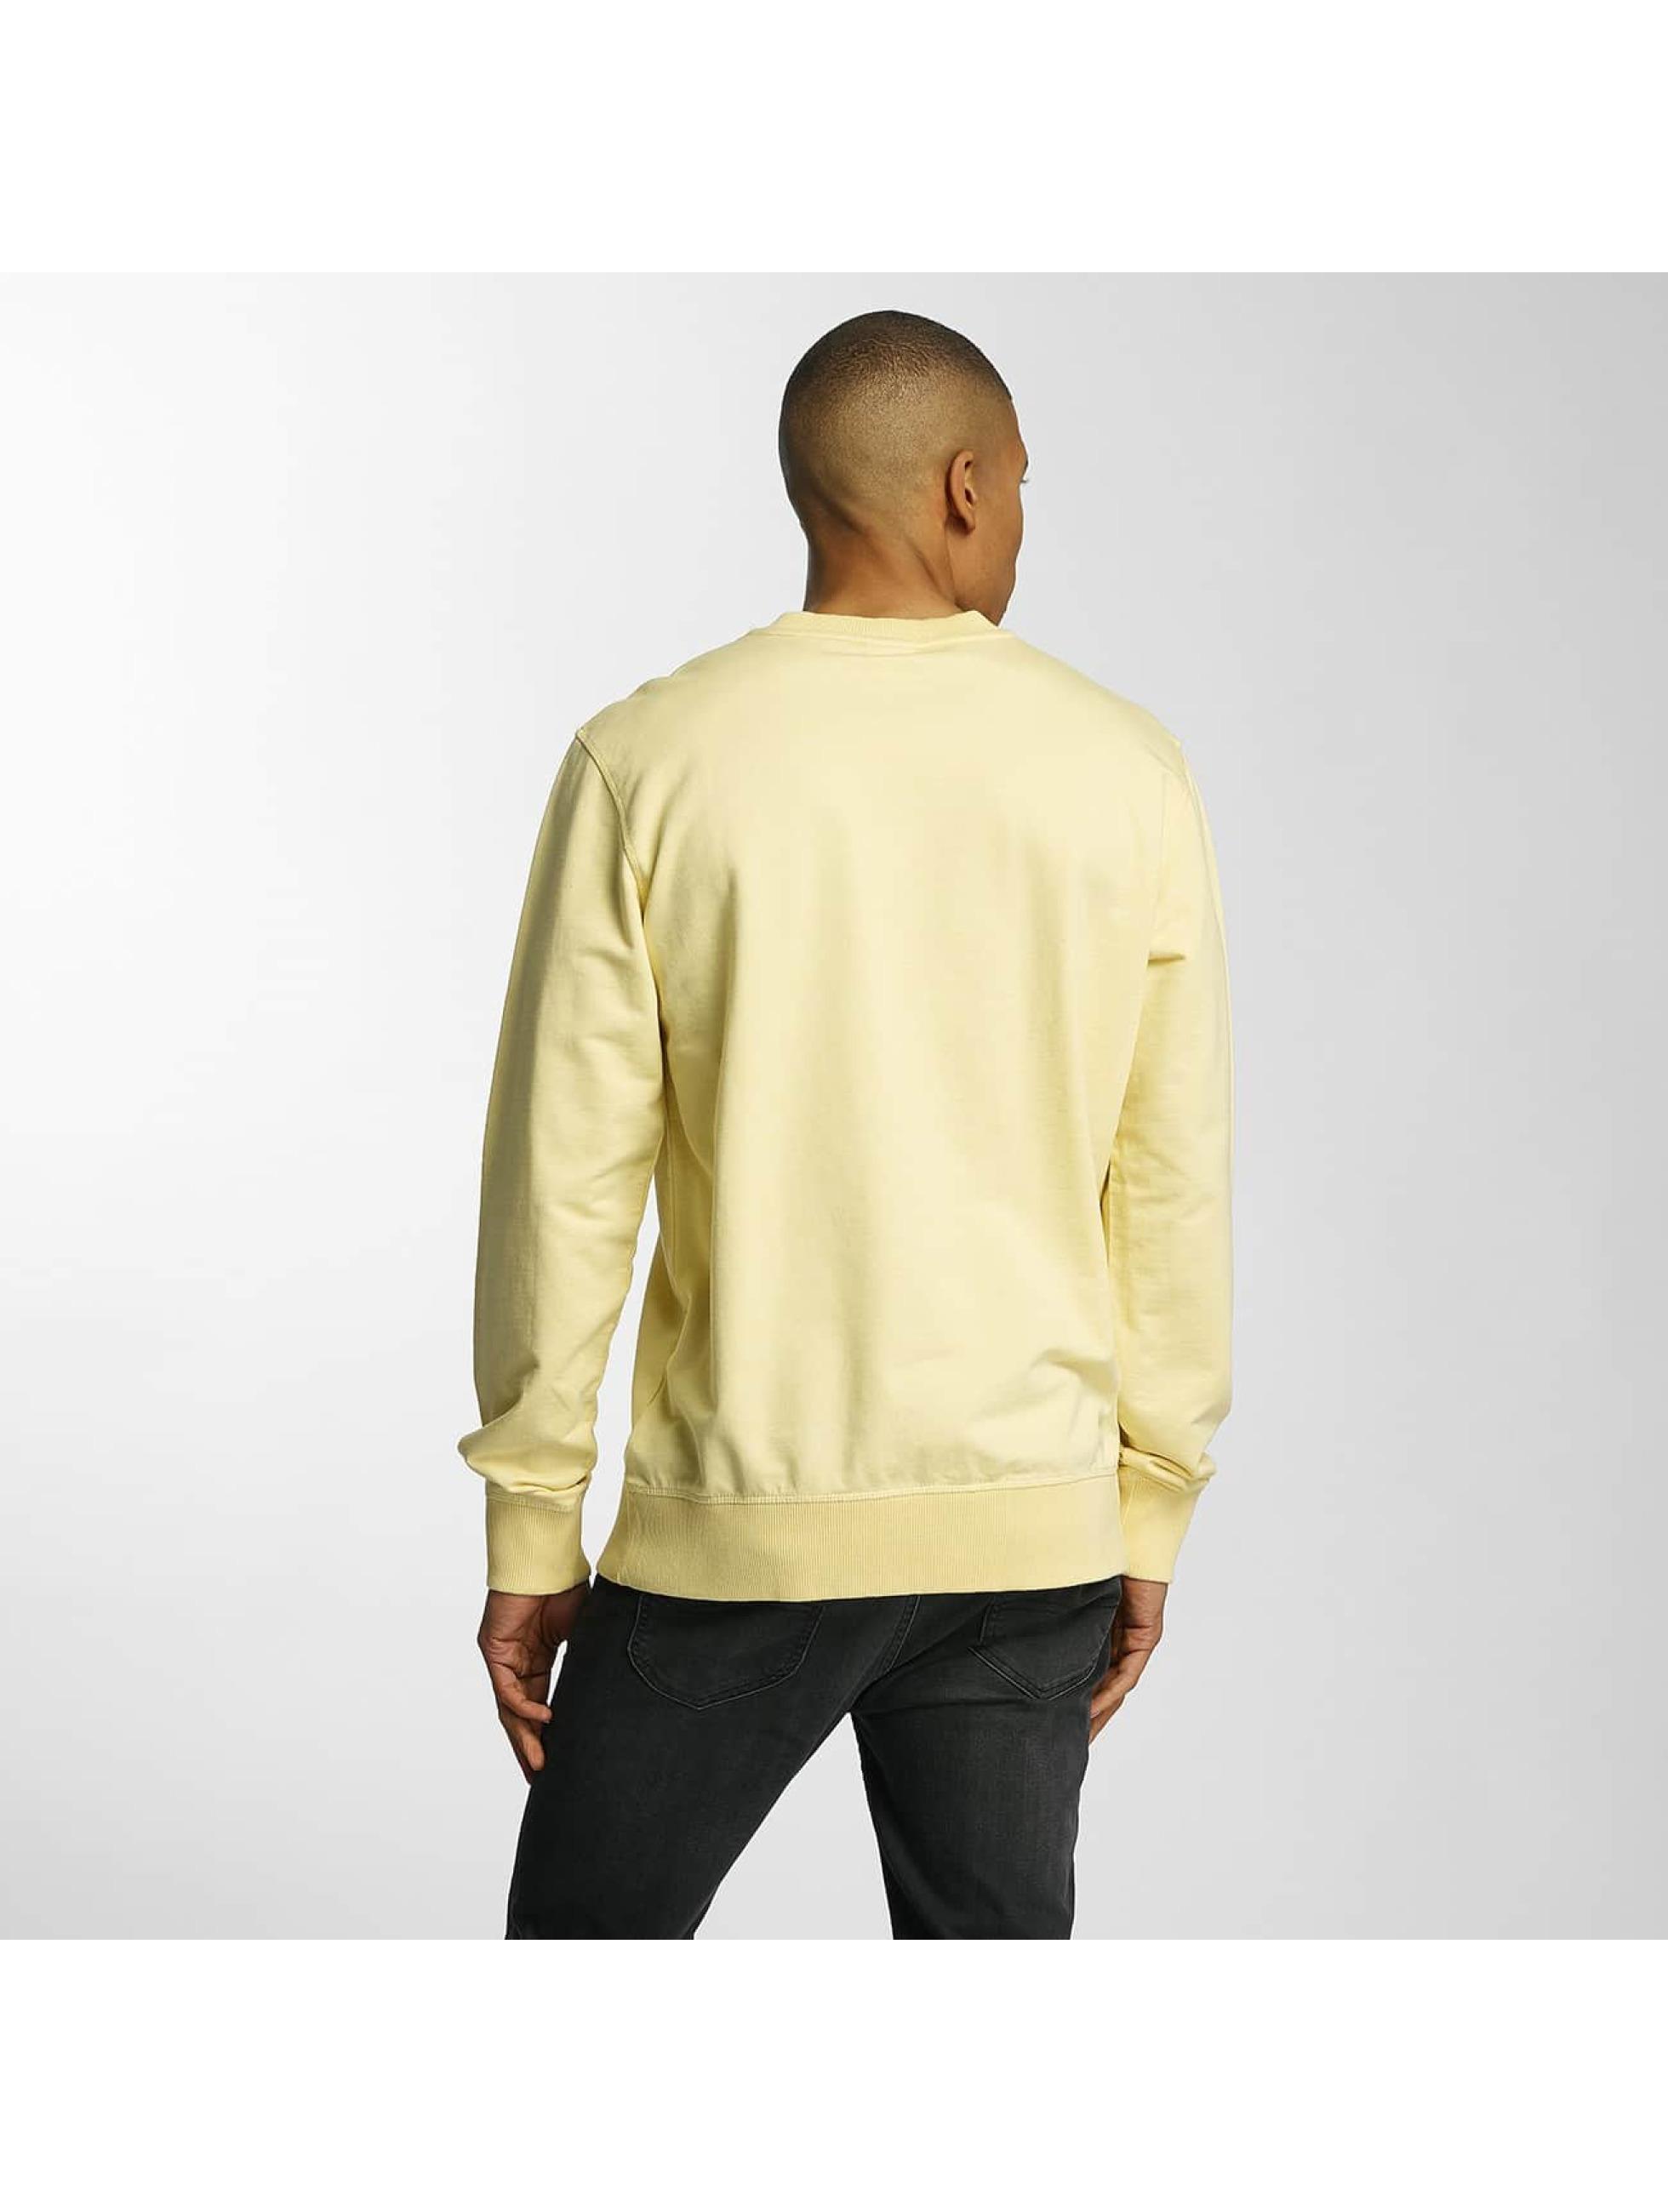 Timberland Jumper Stonybrook yellow